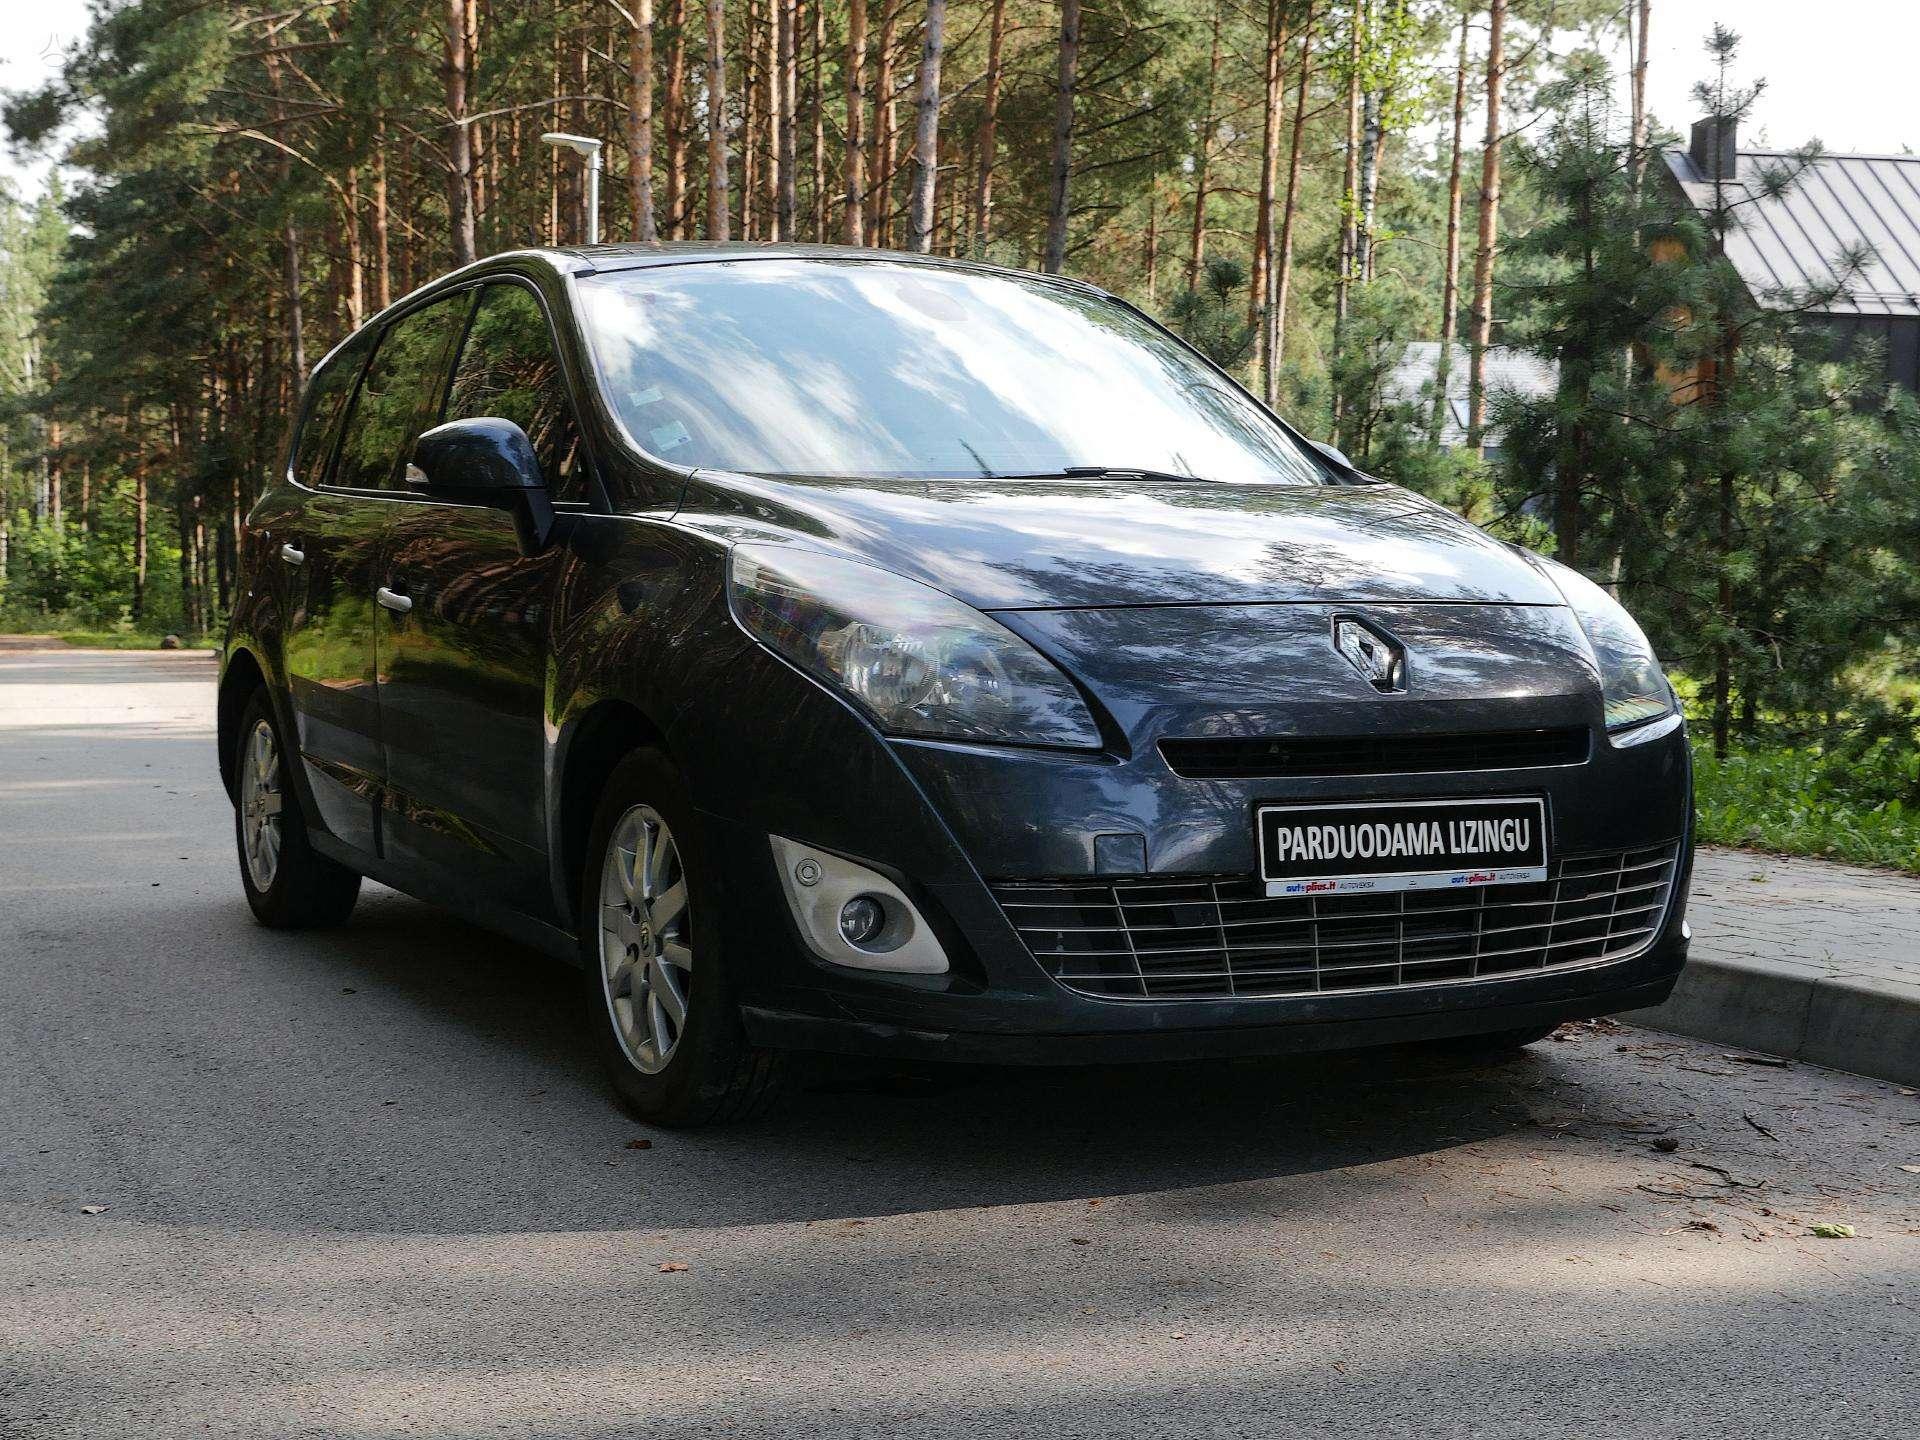 Renault Scenic Išsimokėtinai nuo 86Eur/Mėn su 3 mėnesių garantija